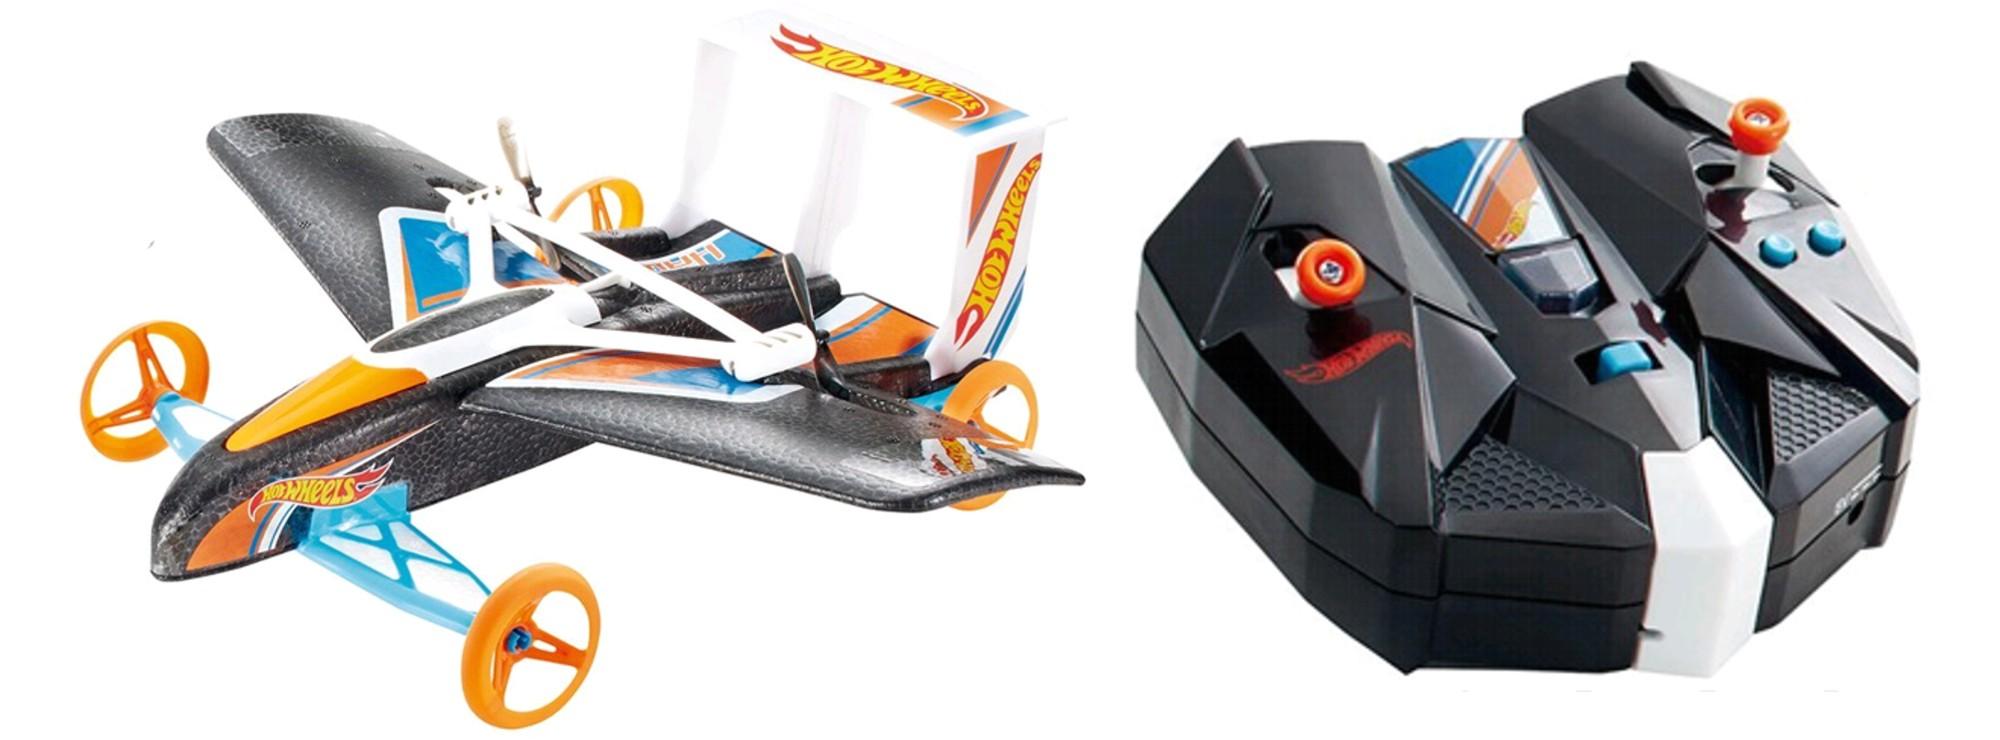 Spielzeugflugzeuge  Online kaufen bei Modellbau Hrtle